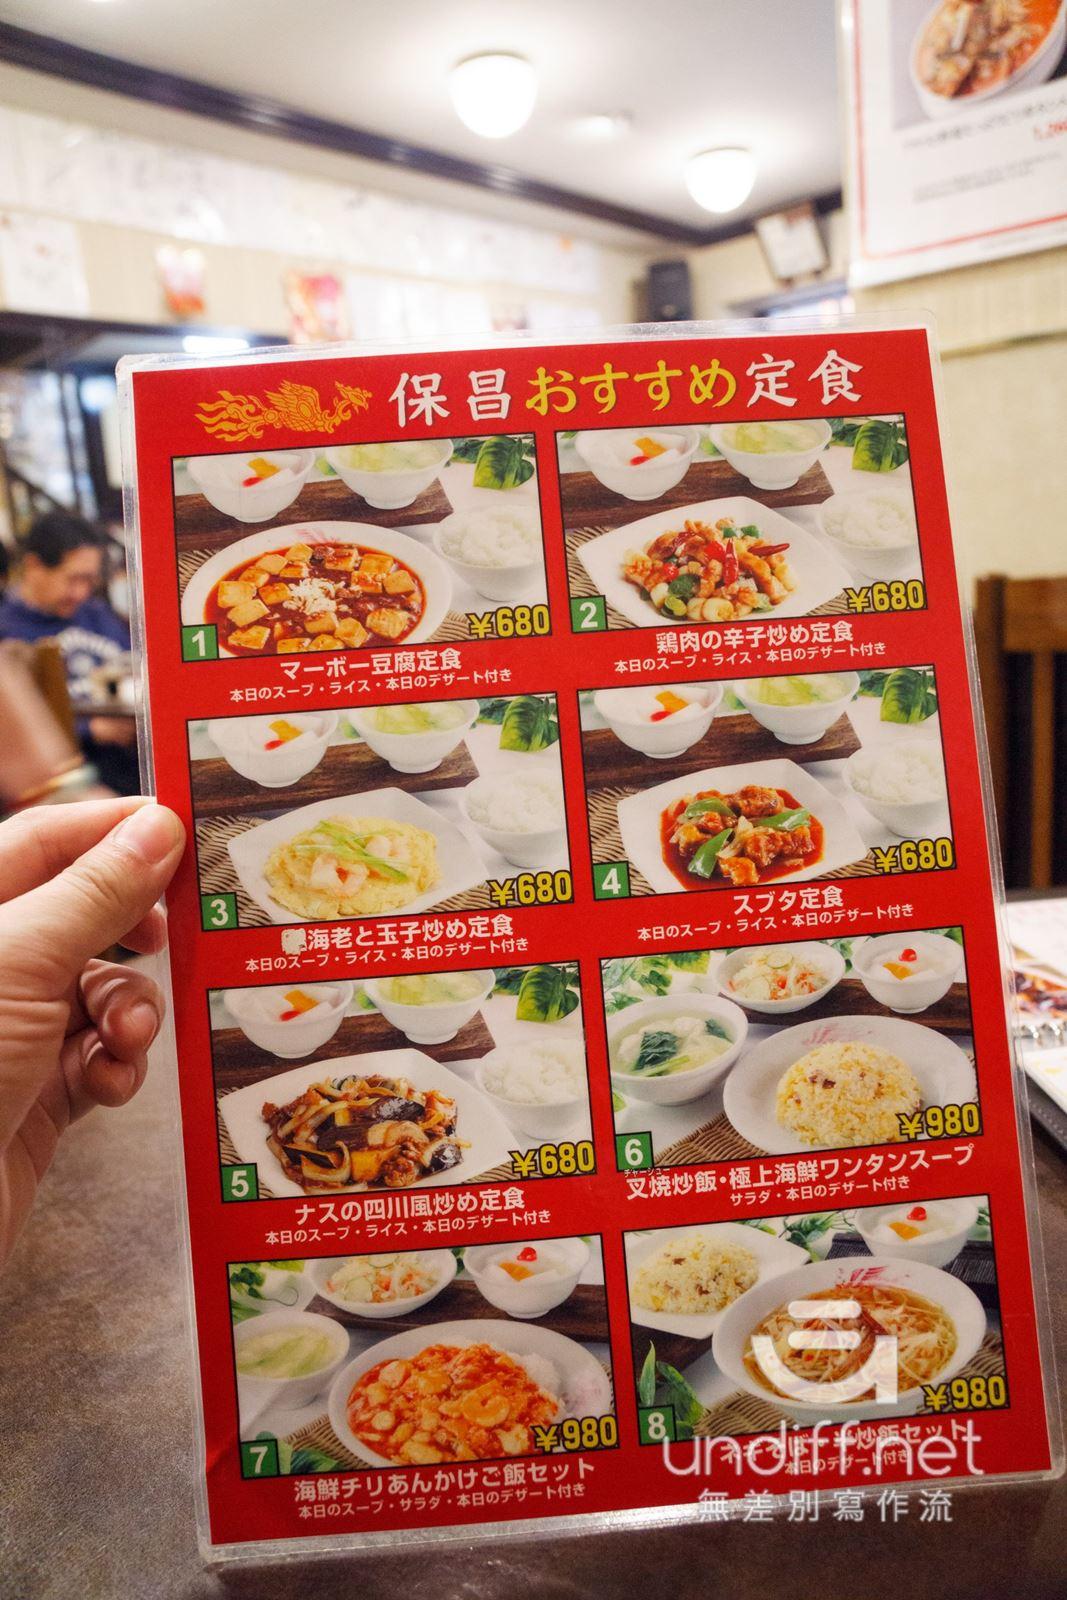 【橫濱美食】中華街 保昌 中國料理 》日本藝人、大胃女王推薦名店 16